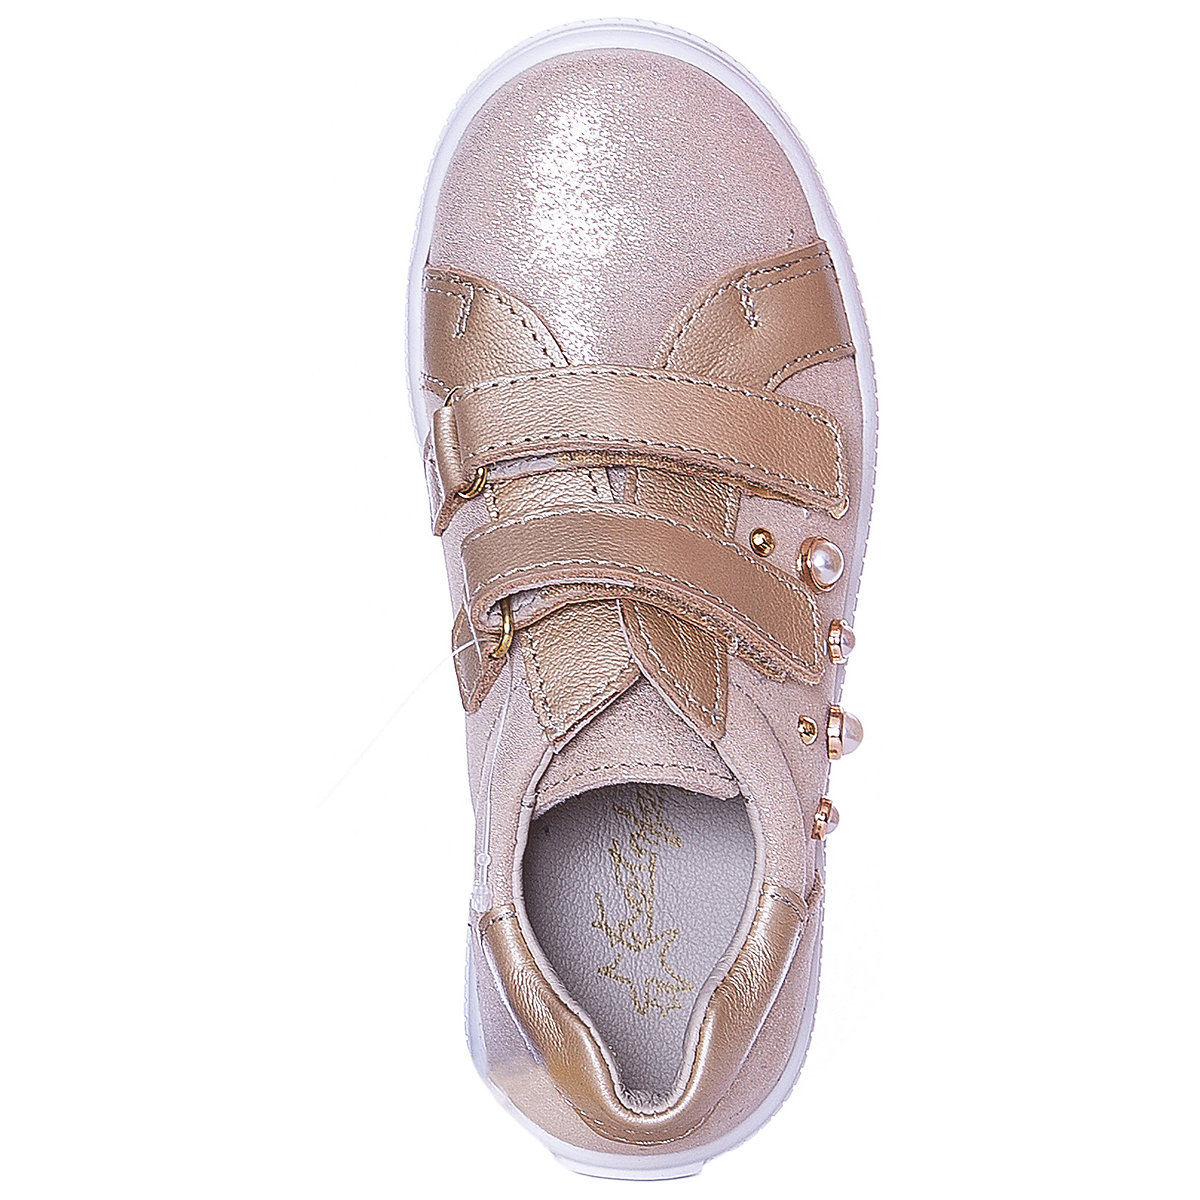 KOTOFEY enfants chaussures décontractées 10813962 baskets chaussures de course pour enfants or sport filles en cuir - 3